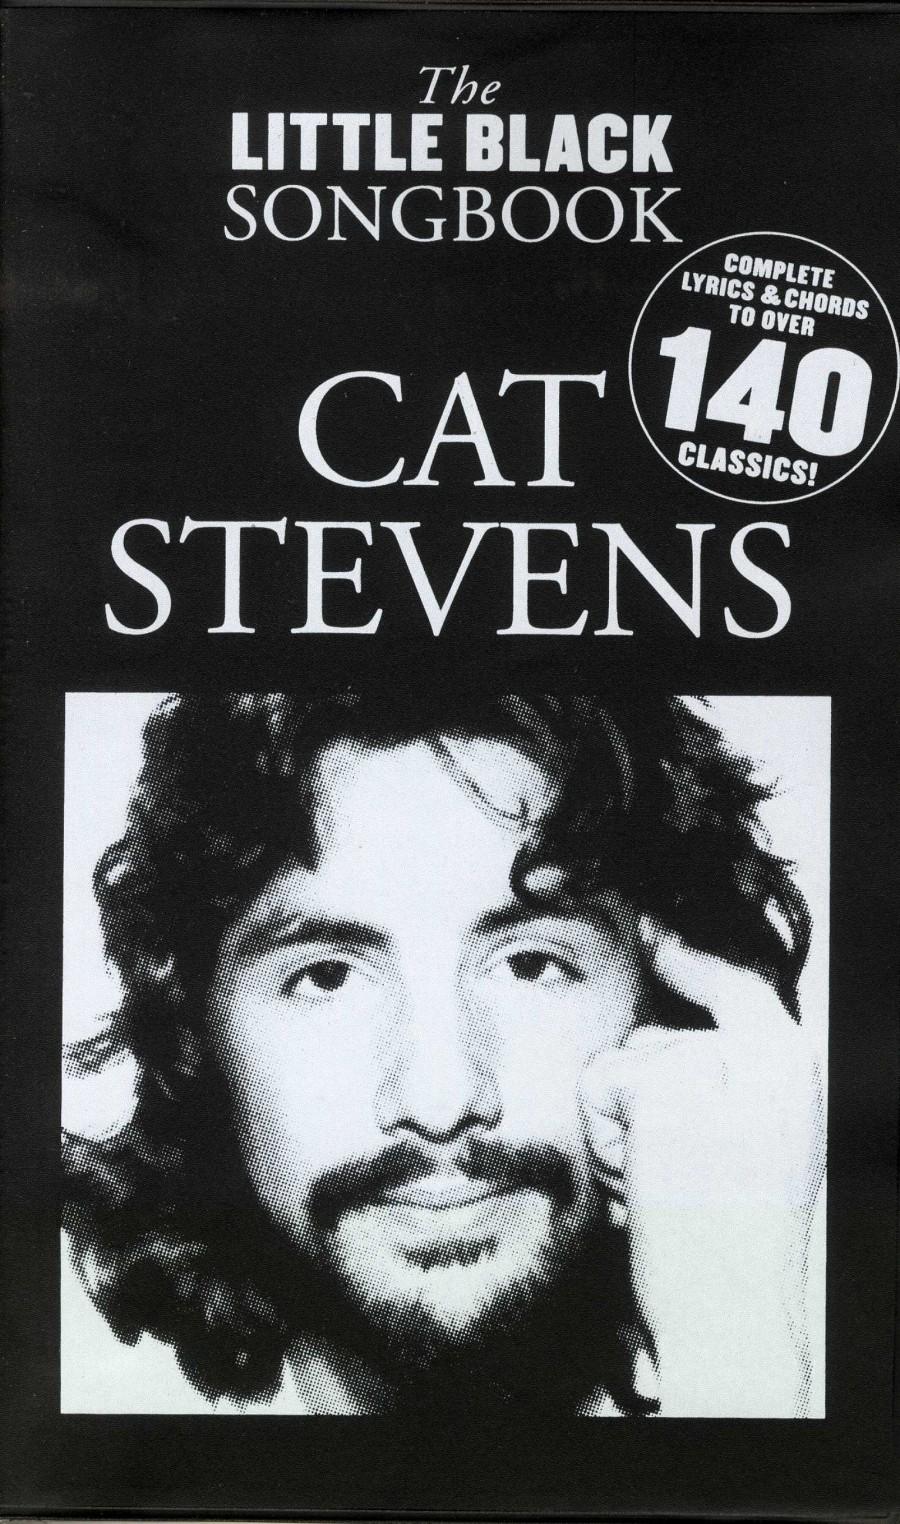 The Little Black Songbook Cat Stevens Presto Sheet Music